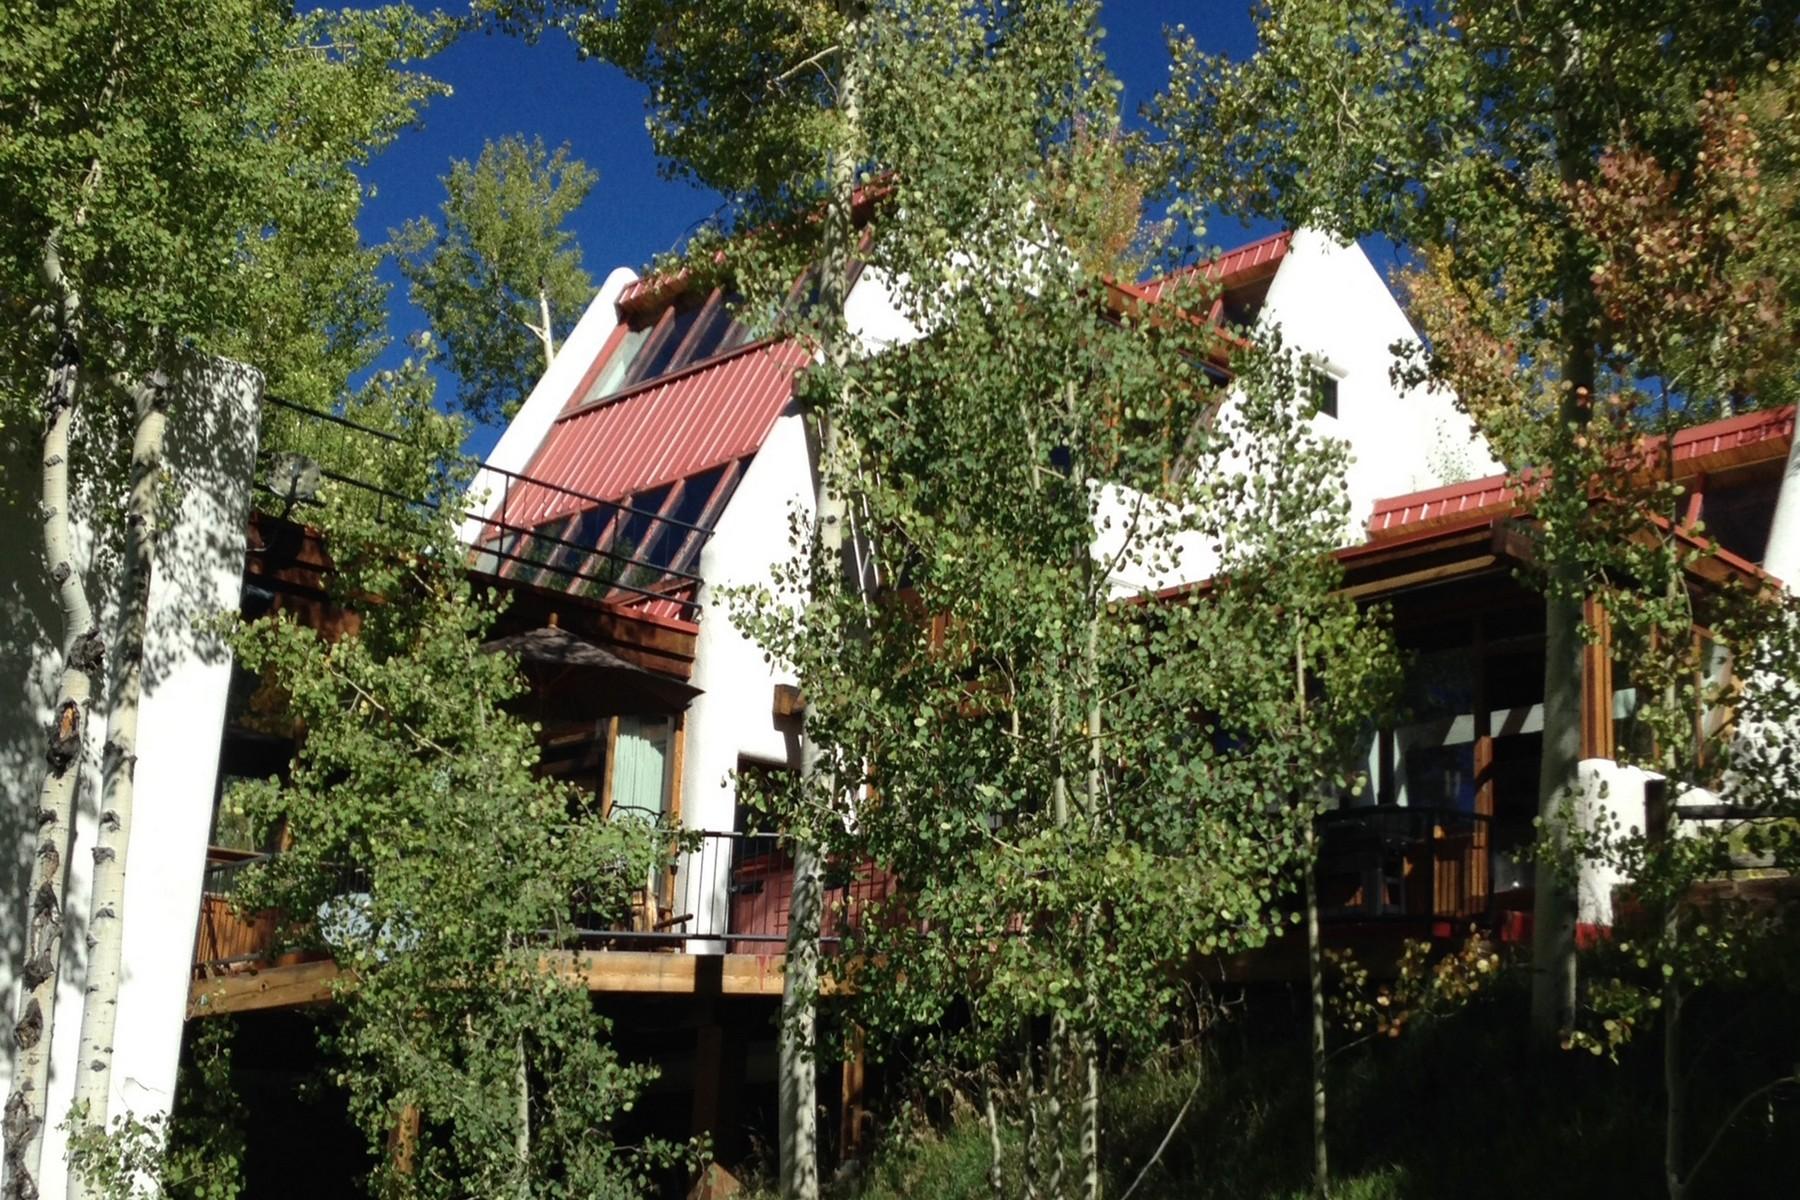 Частный односемейный дом для того Продажа на 45 Mount Wilson Way Telluride, Колорадо 81435 Соединенные Штаты